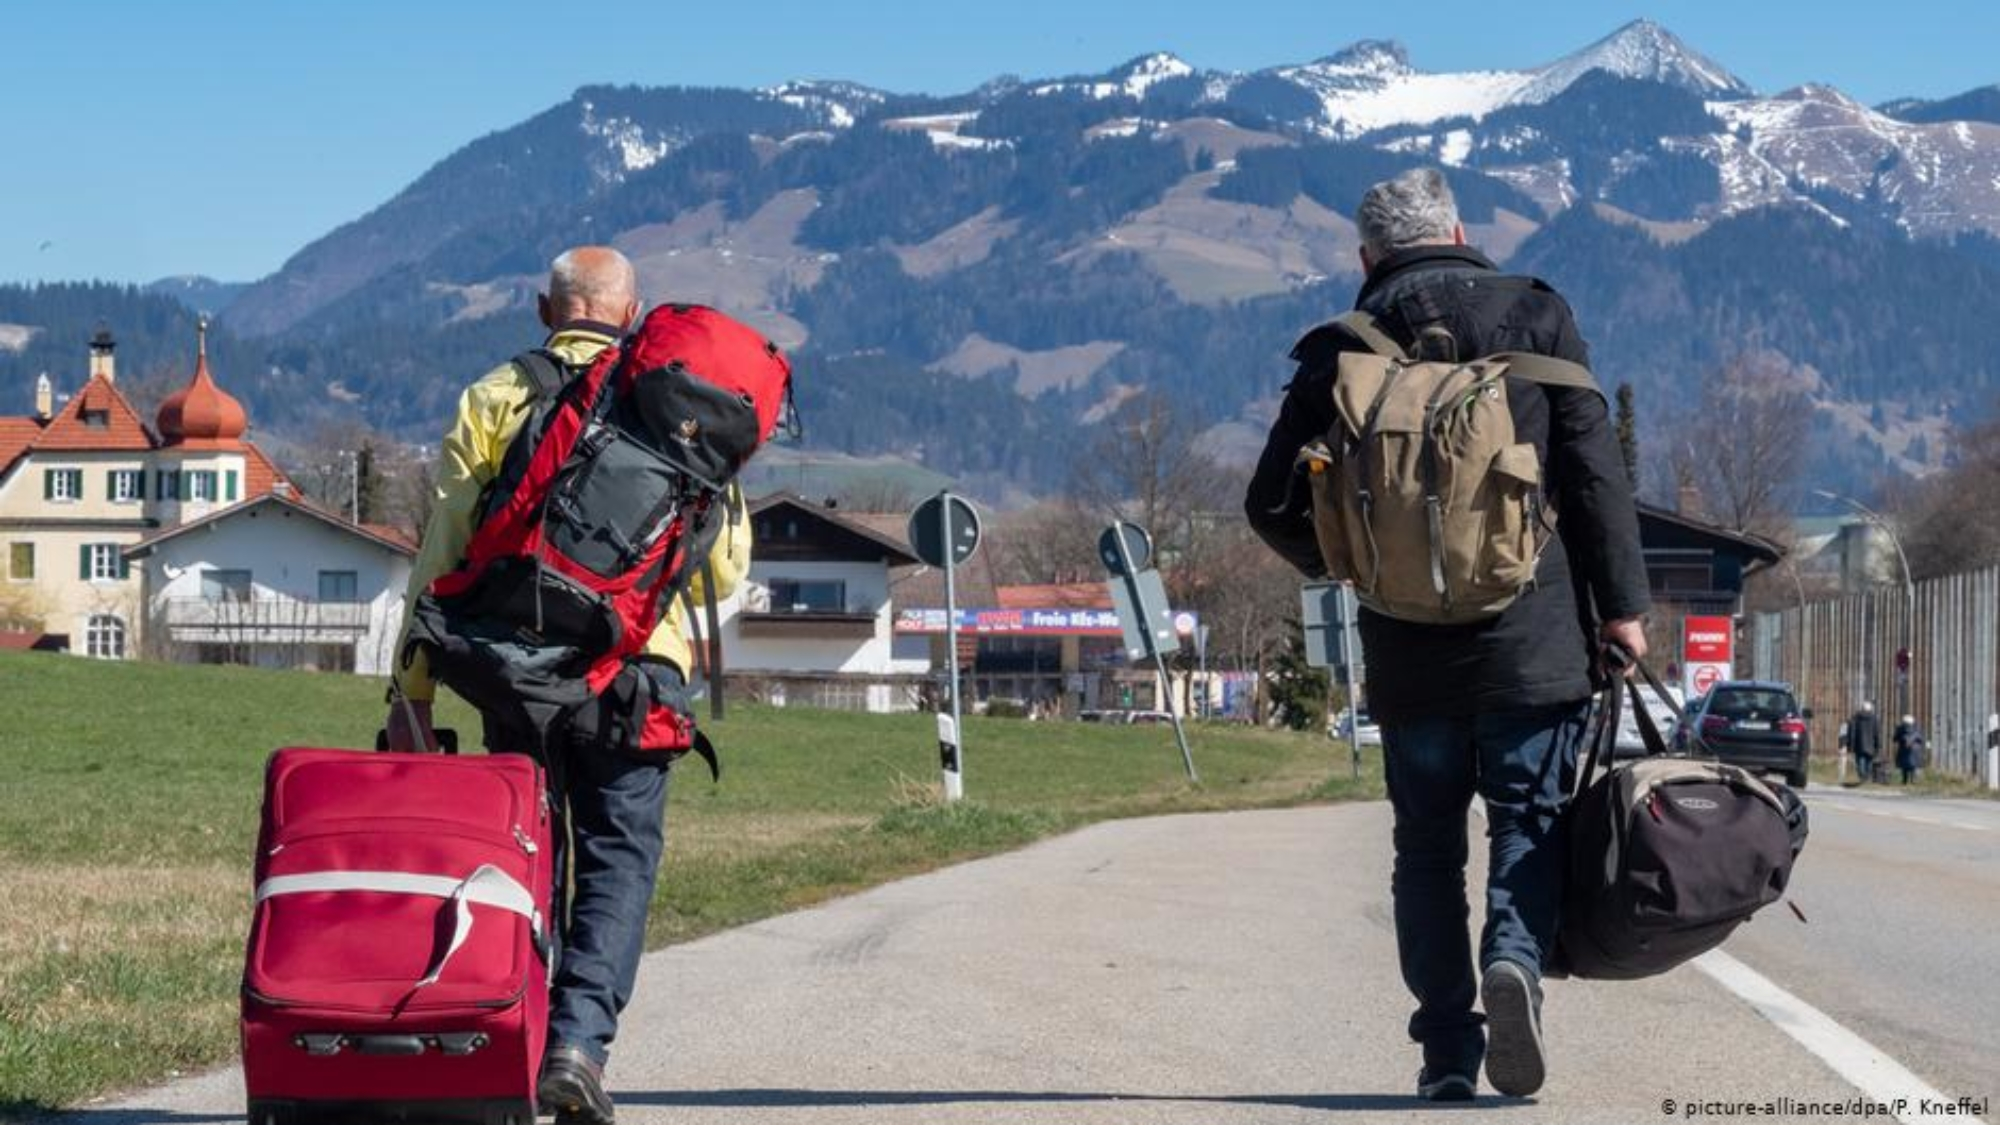 3月16日起,德奧兩國間的鐵路交通大範圍停運。當天,兩名遊客從奧地利一側的Kufstein火車站徒步前往德國Kiefersfelden,希望能繼續搭乘德國列車